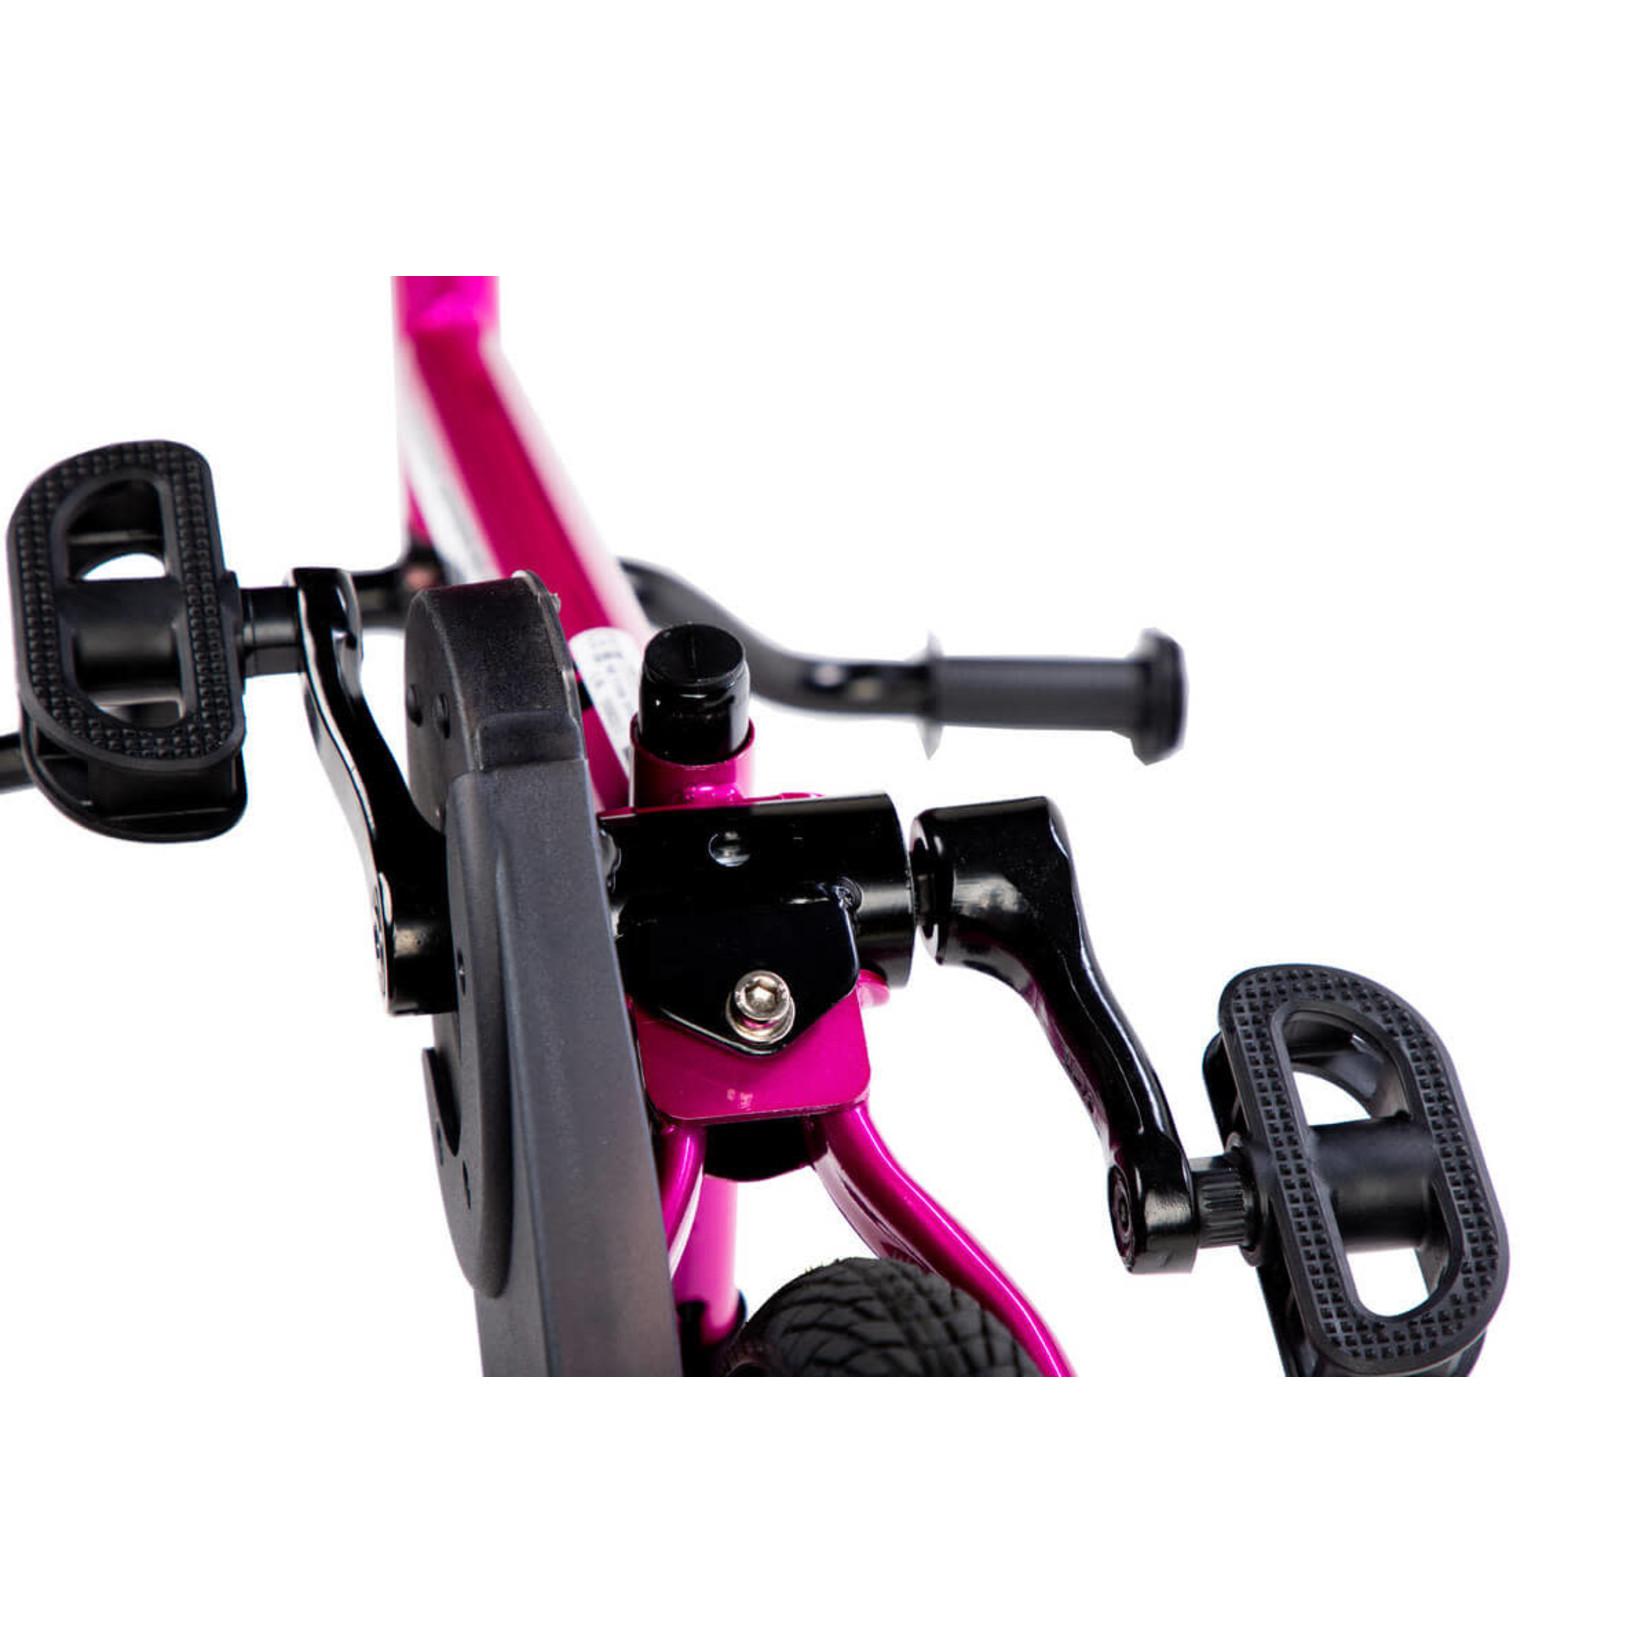 Strider Strider Pedal Kit for 14x